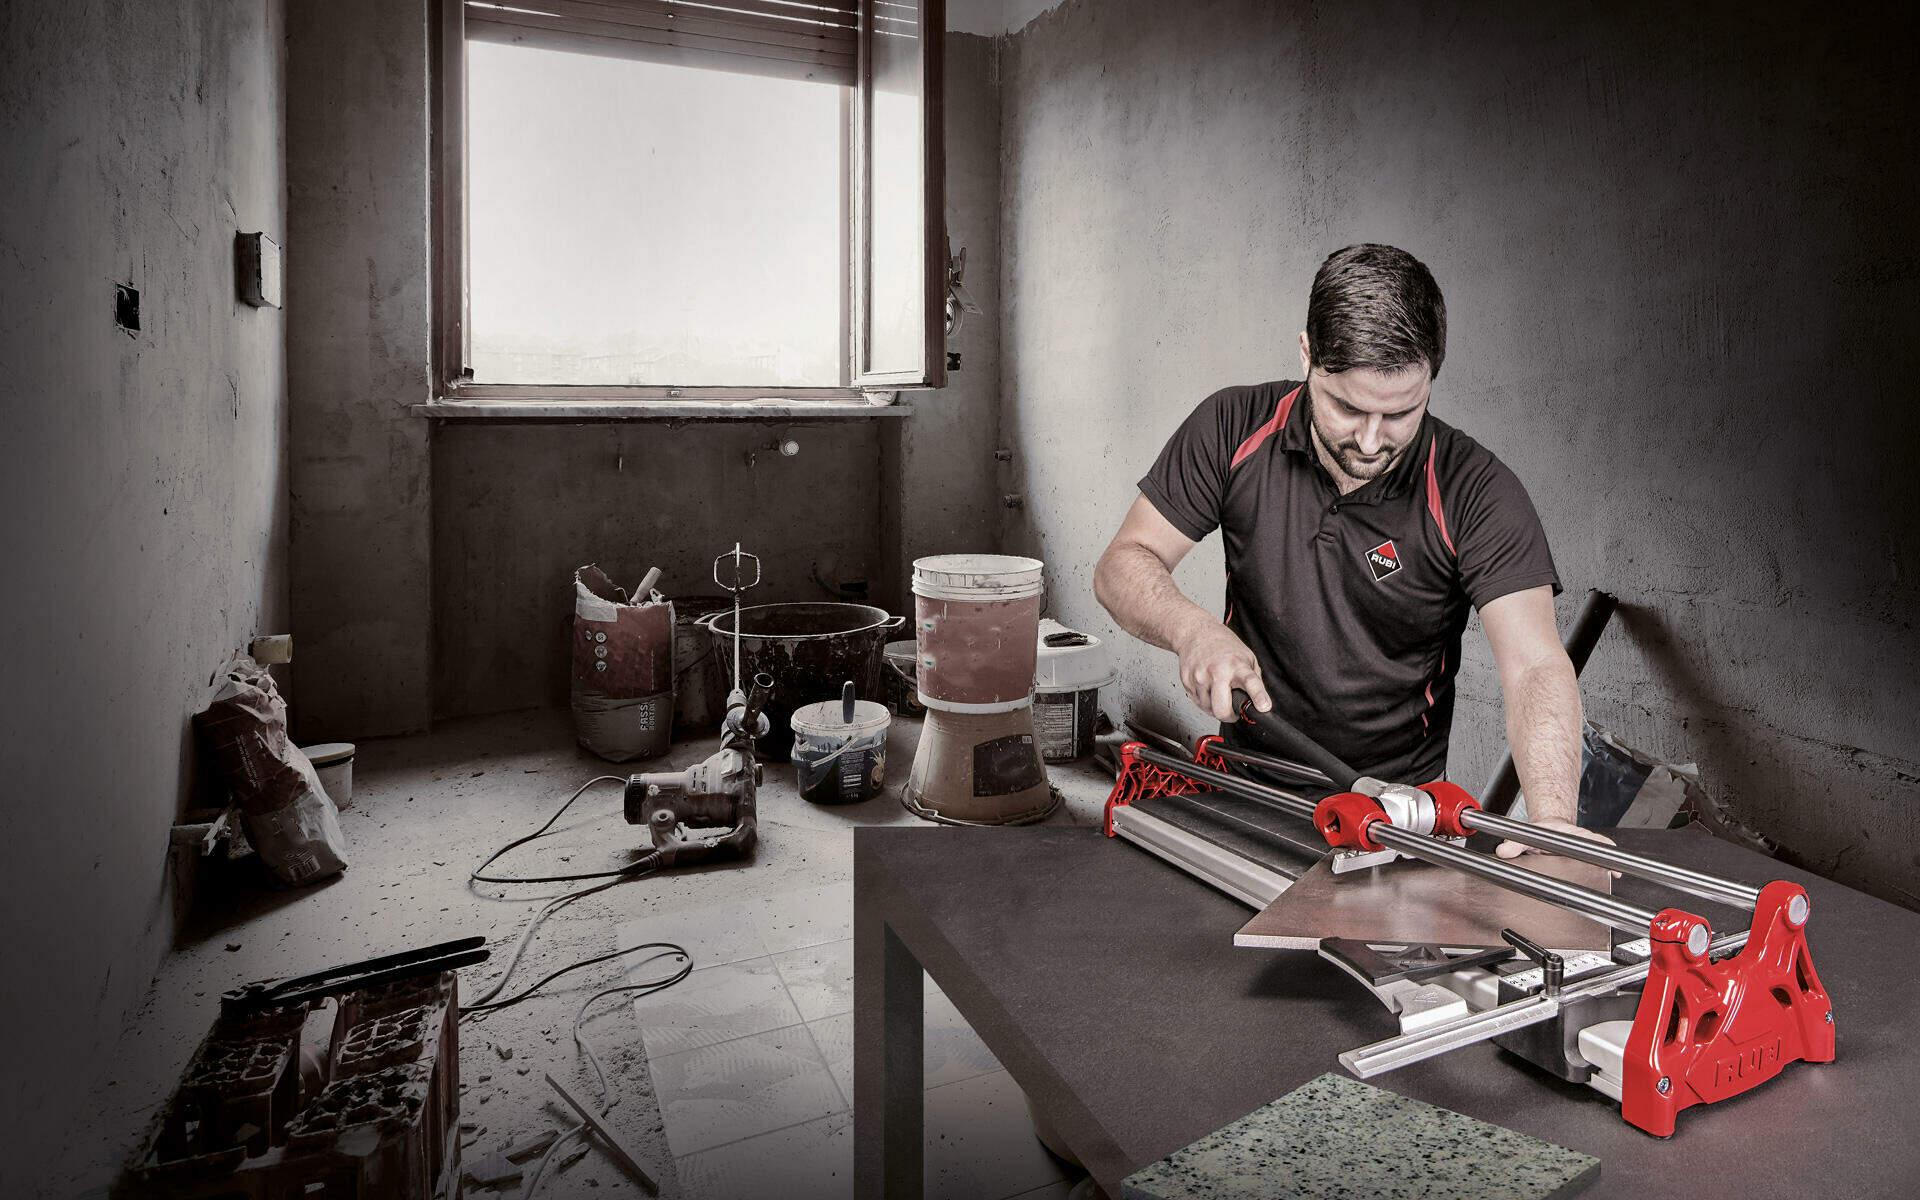 Een tegelzetter snijdt een tegel diagonaal. Tegelsnijders staan bovenaan het rijtje van onmisbare gereedschappen.